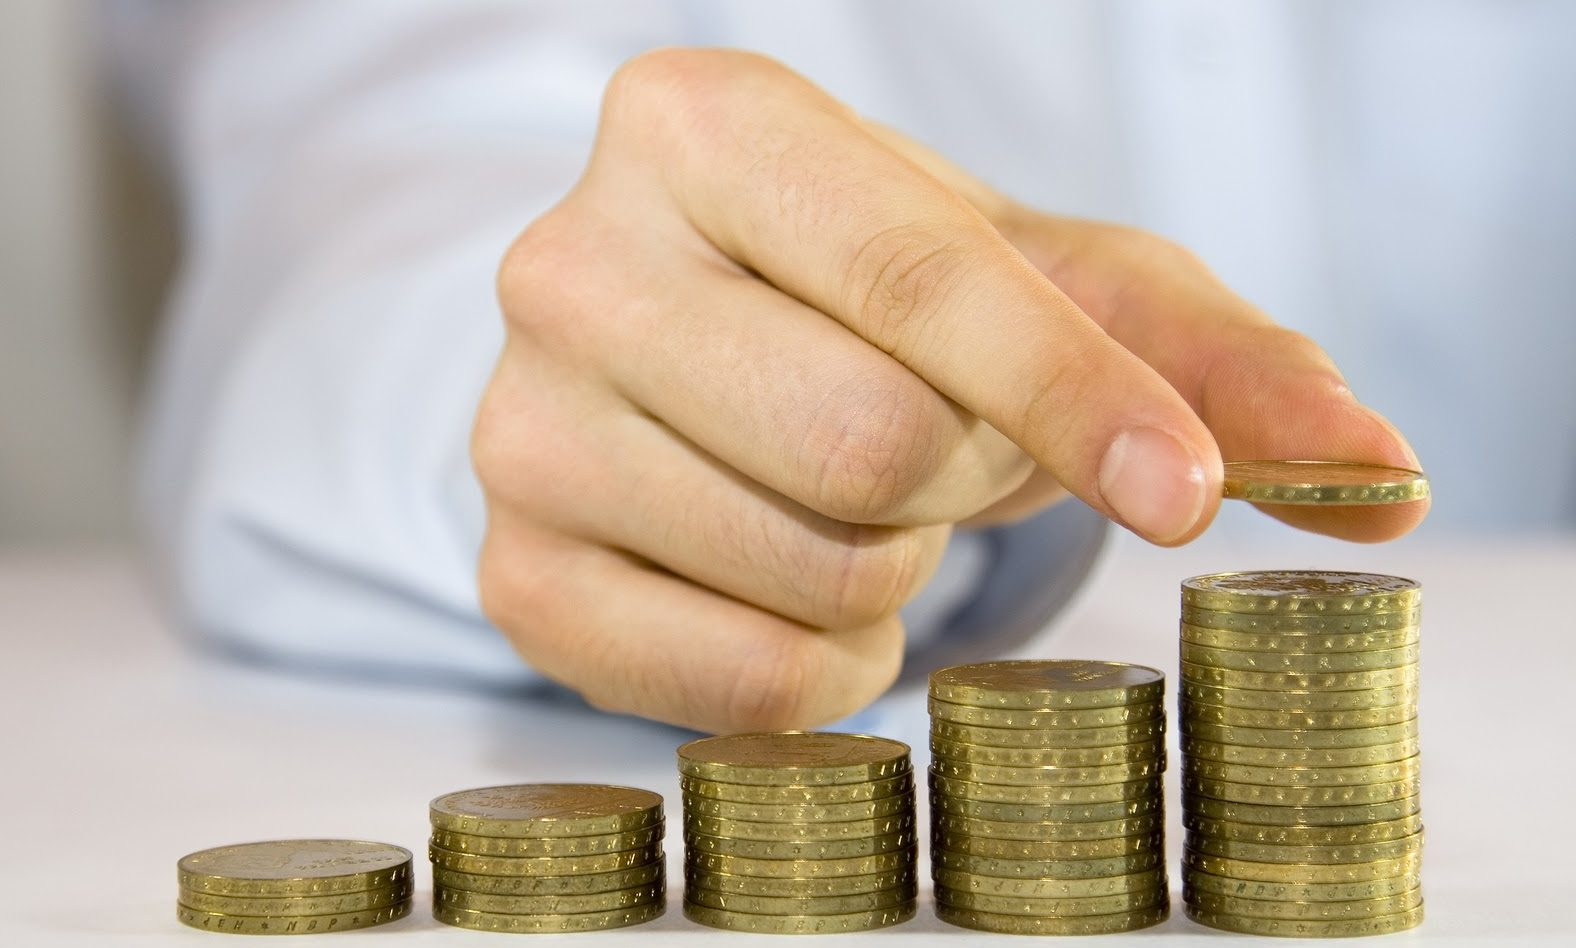 keresse meg, hogyan lehet nagy pénzt keresni